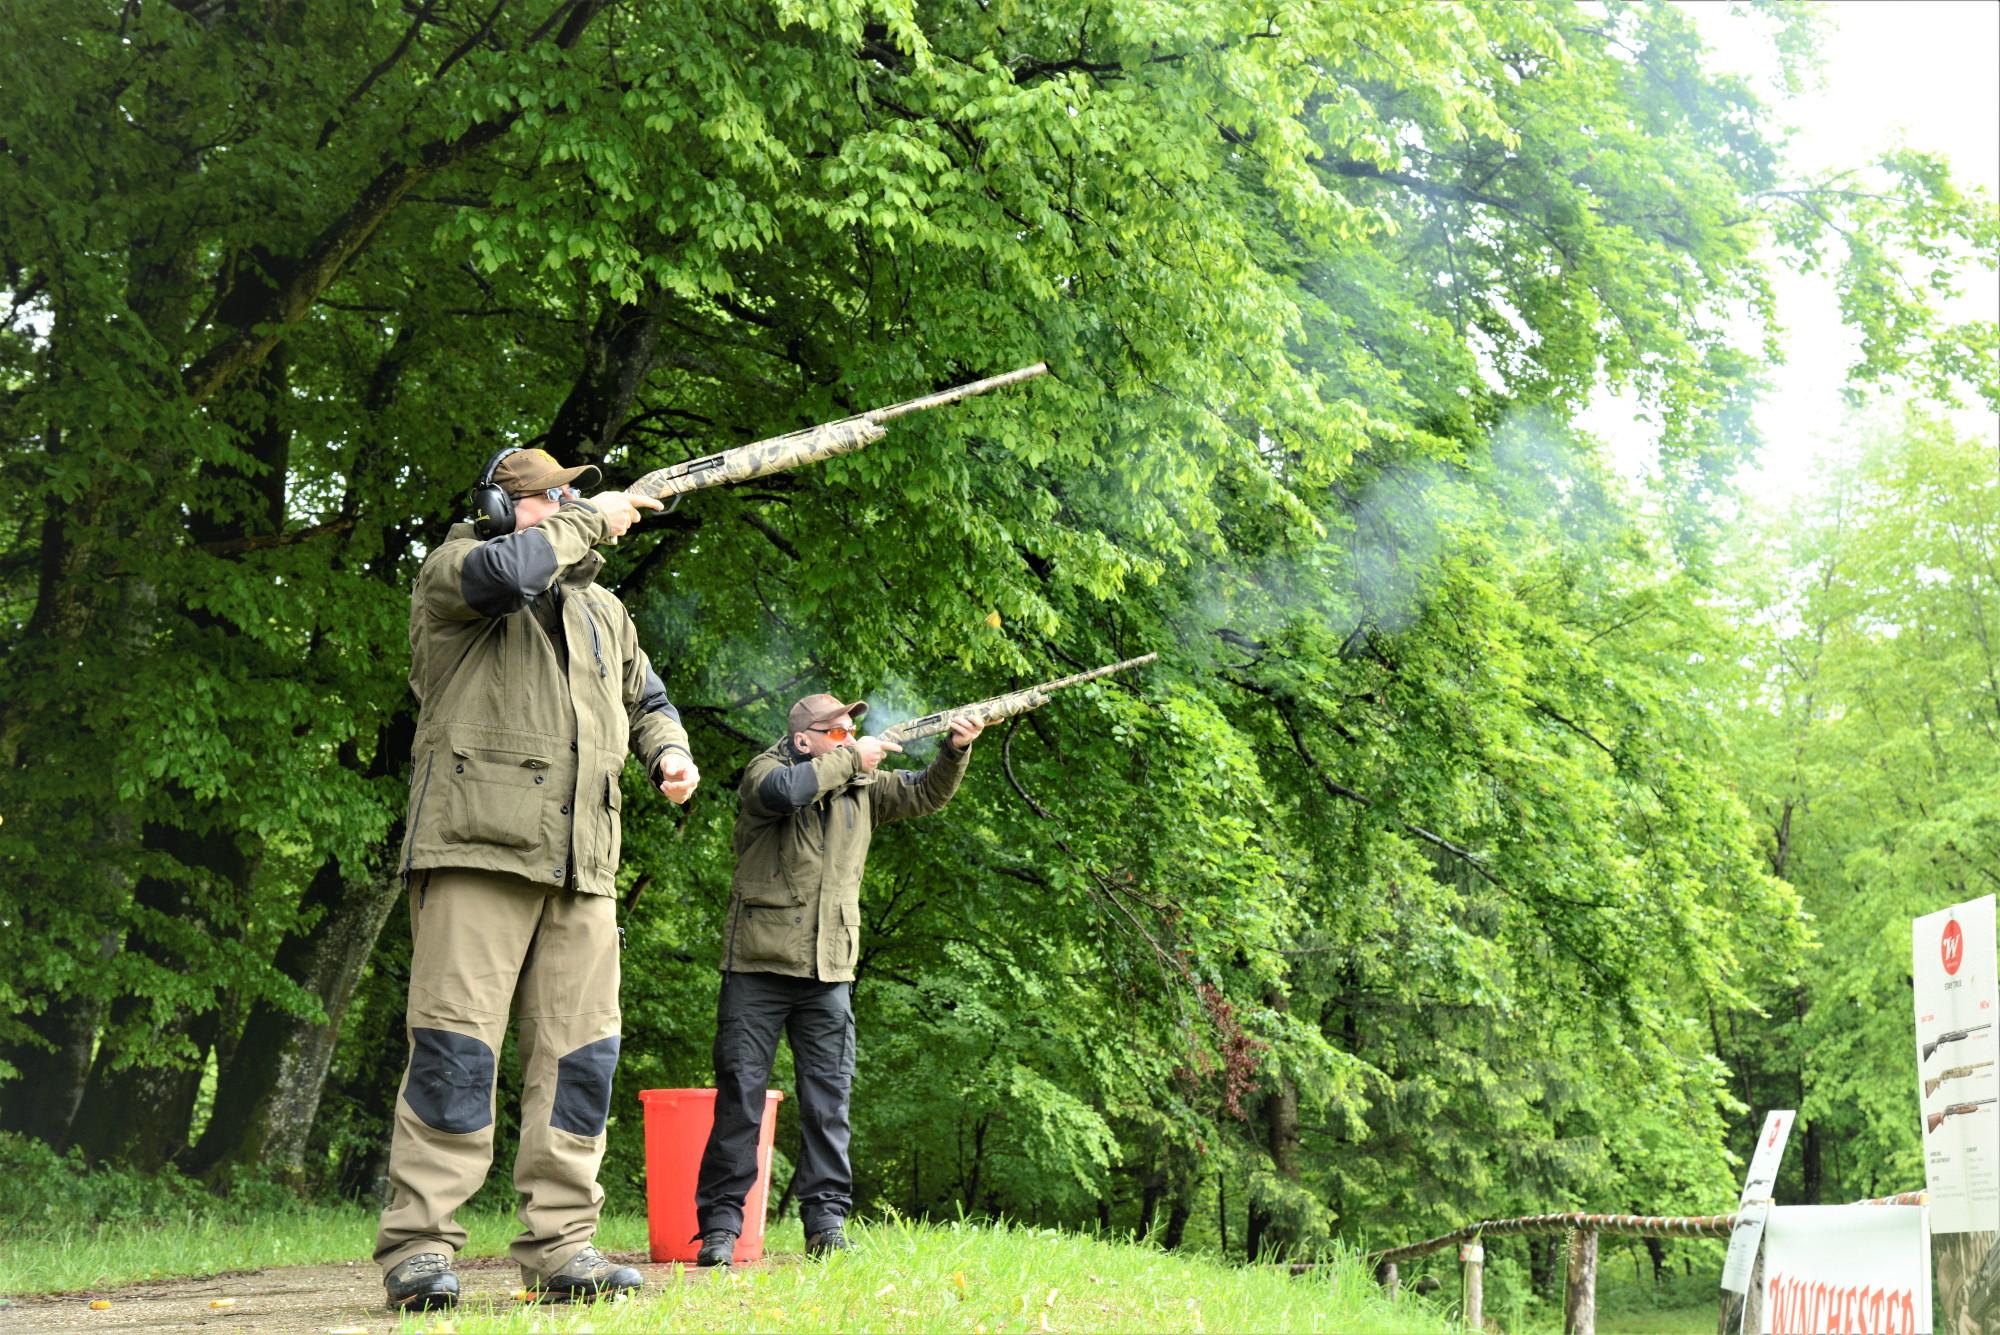 utilizzo del fucile sx4 waterfowl di winchester con un solo braccio